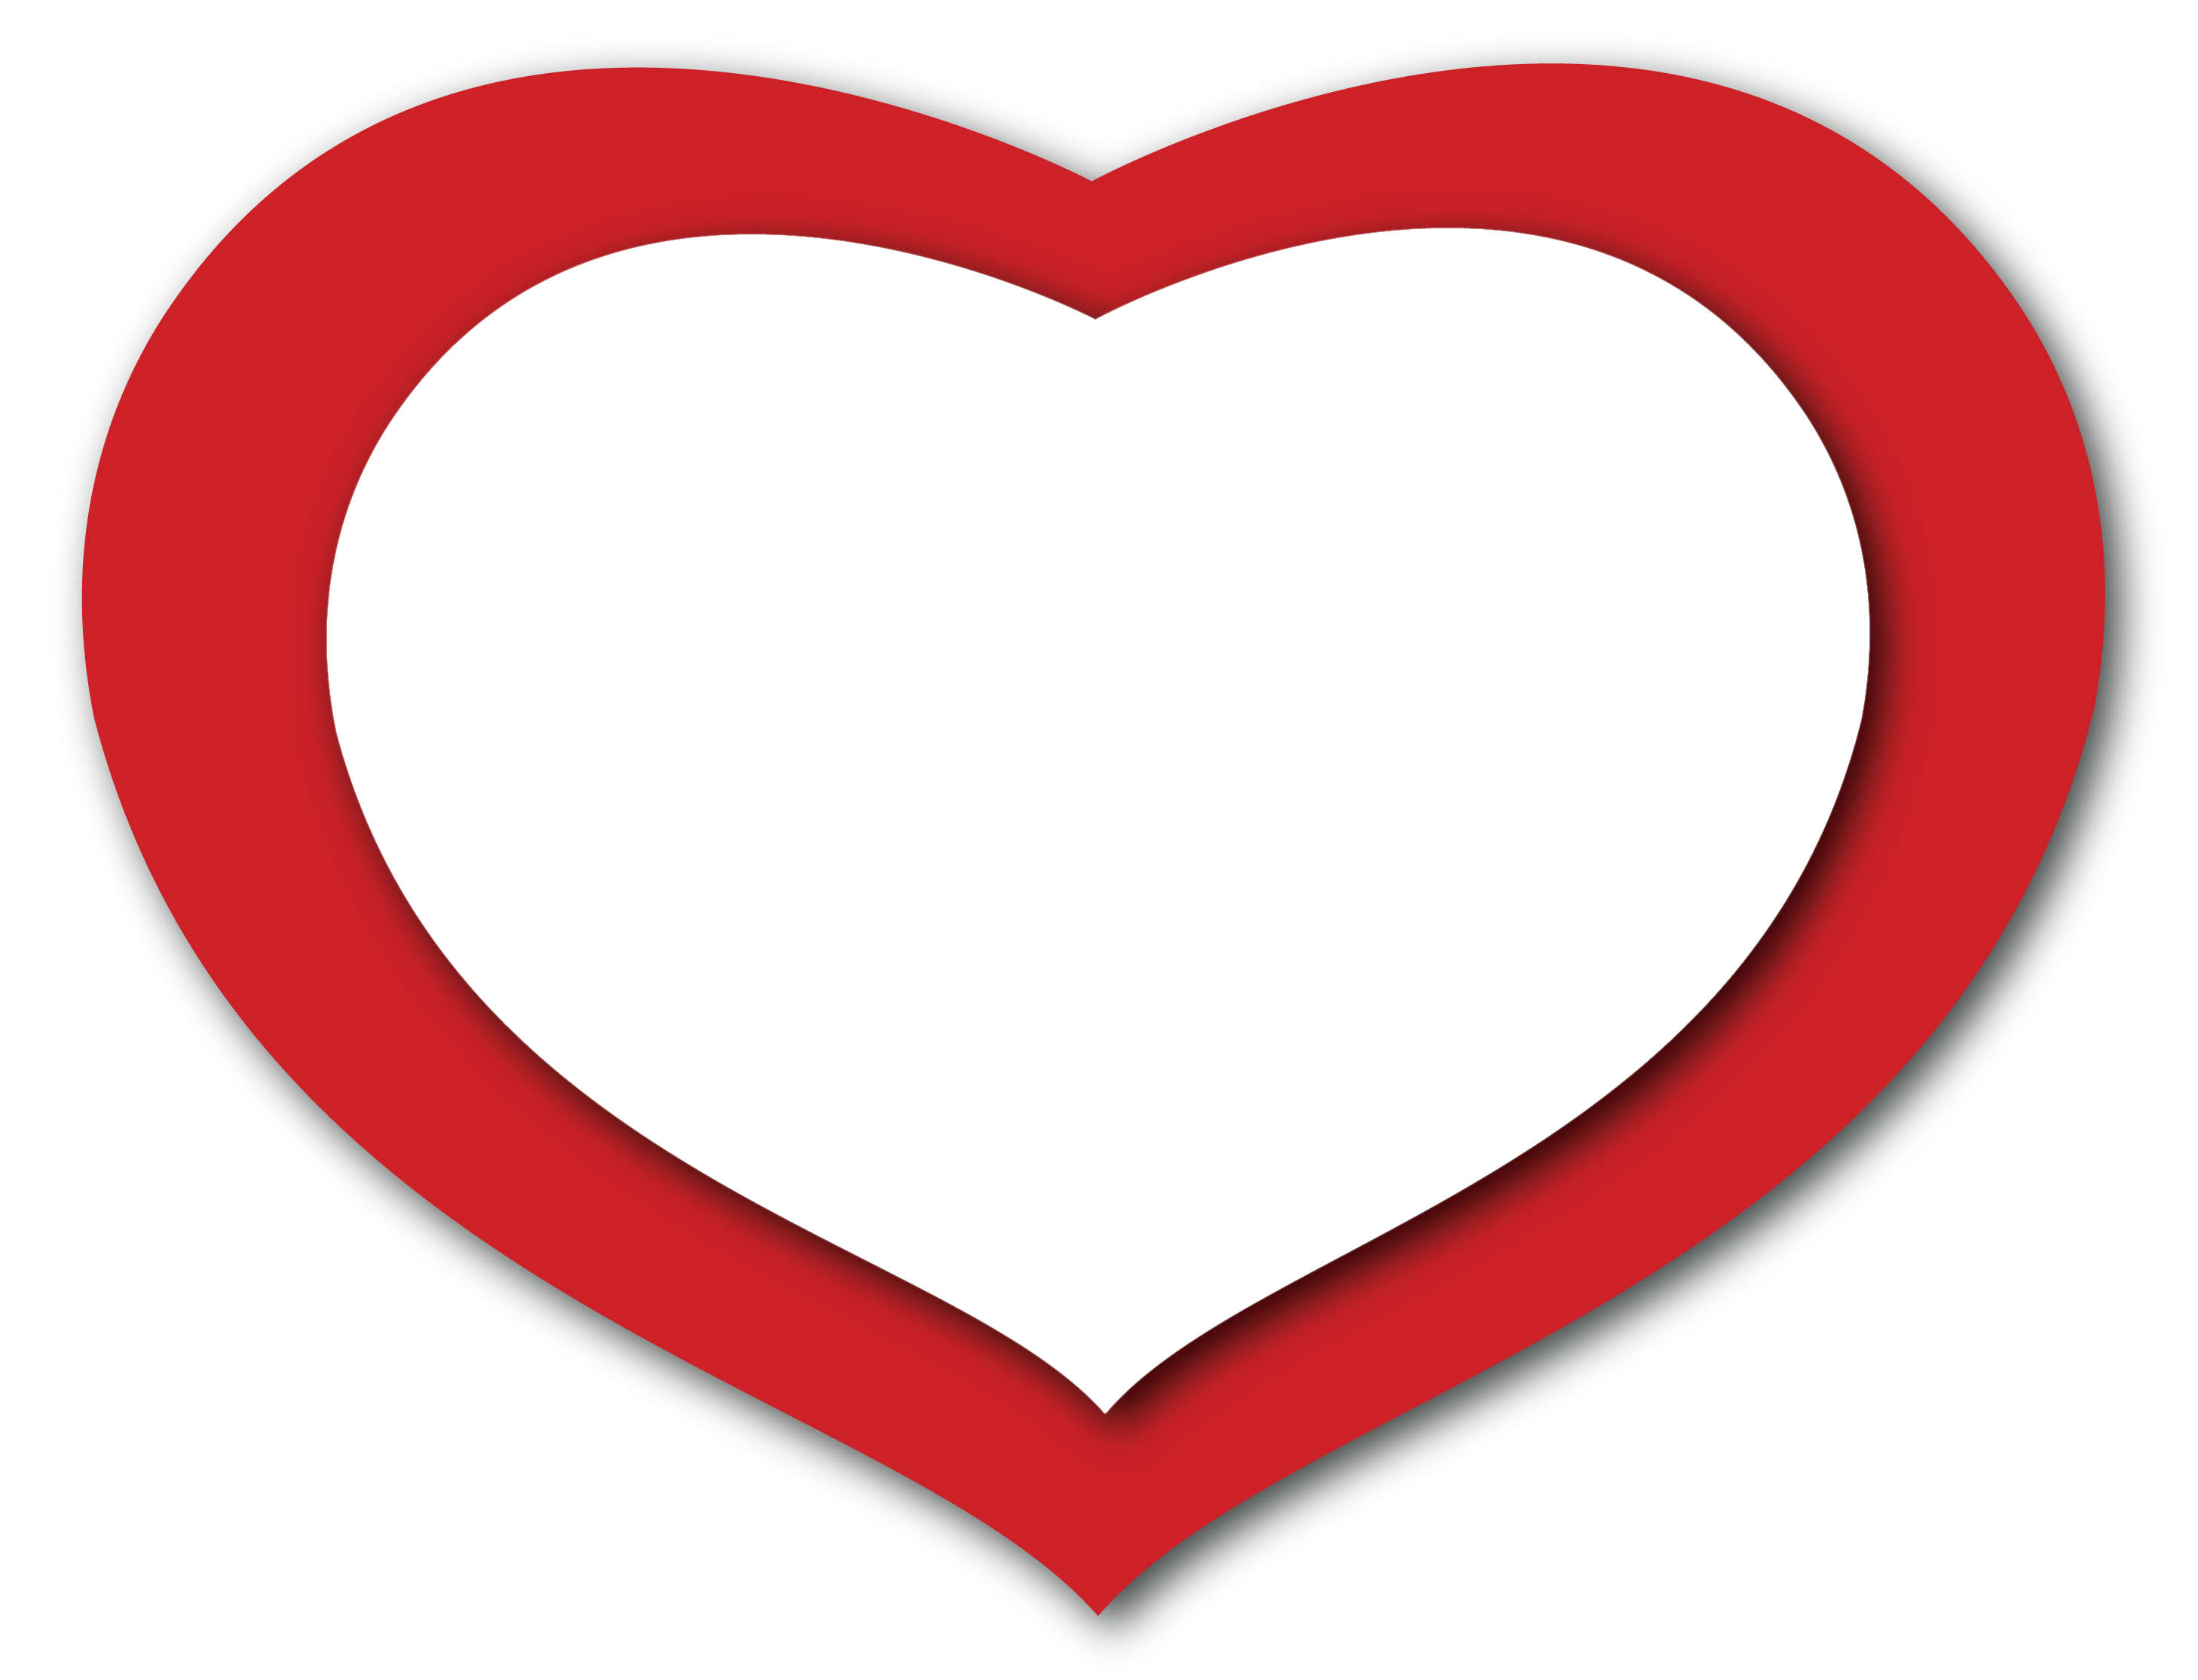 Transparent red png ramen. Waves clipart heart